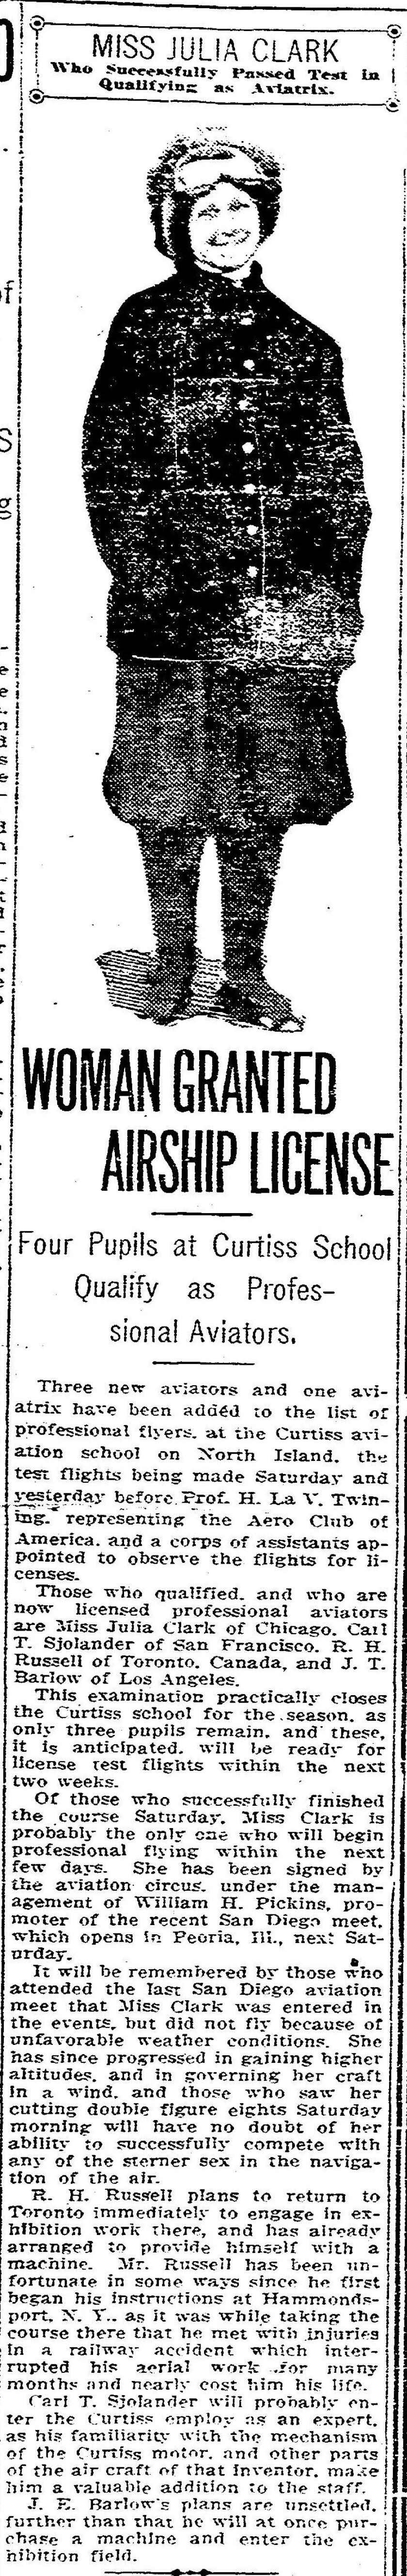 May 20, 1912